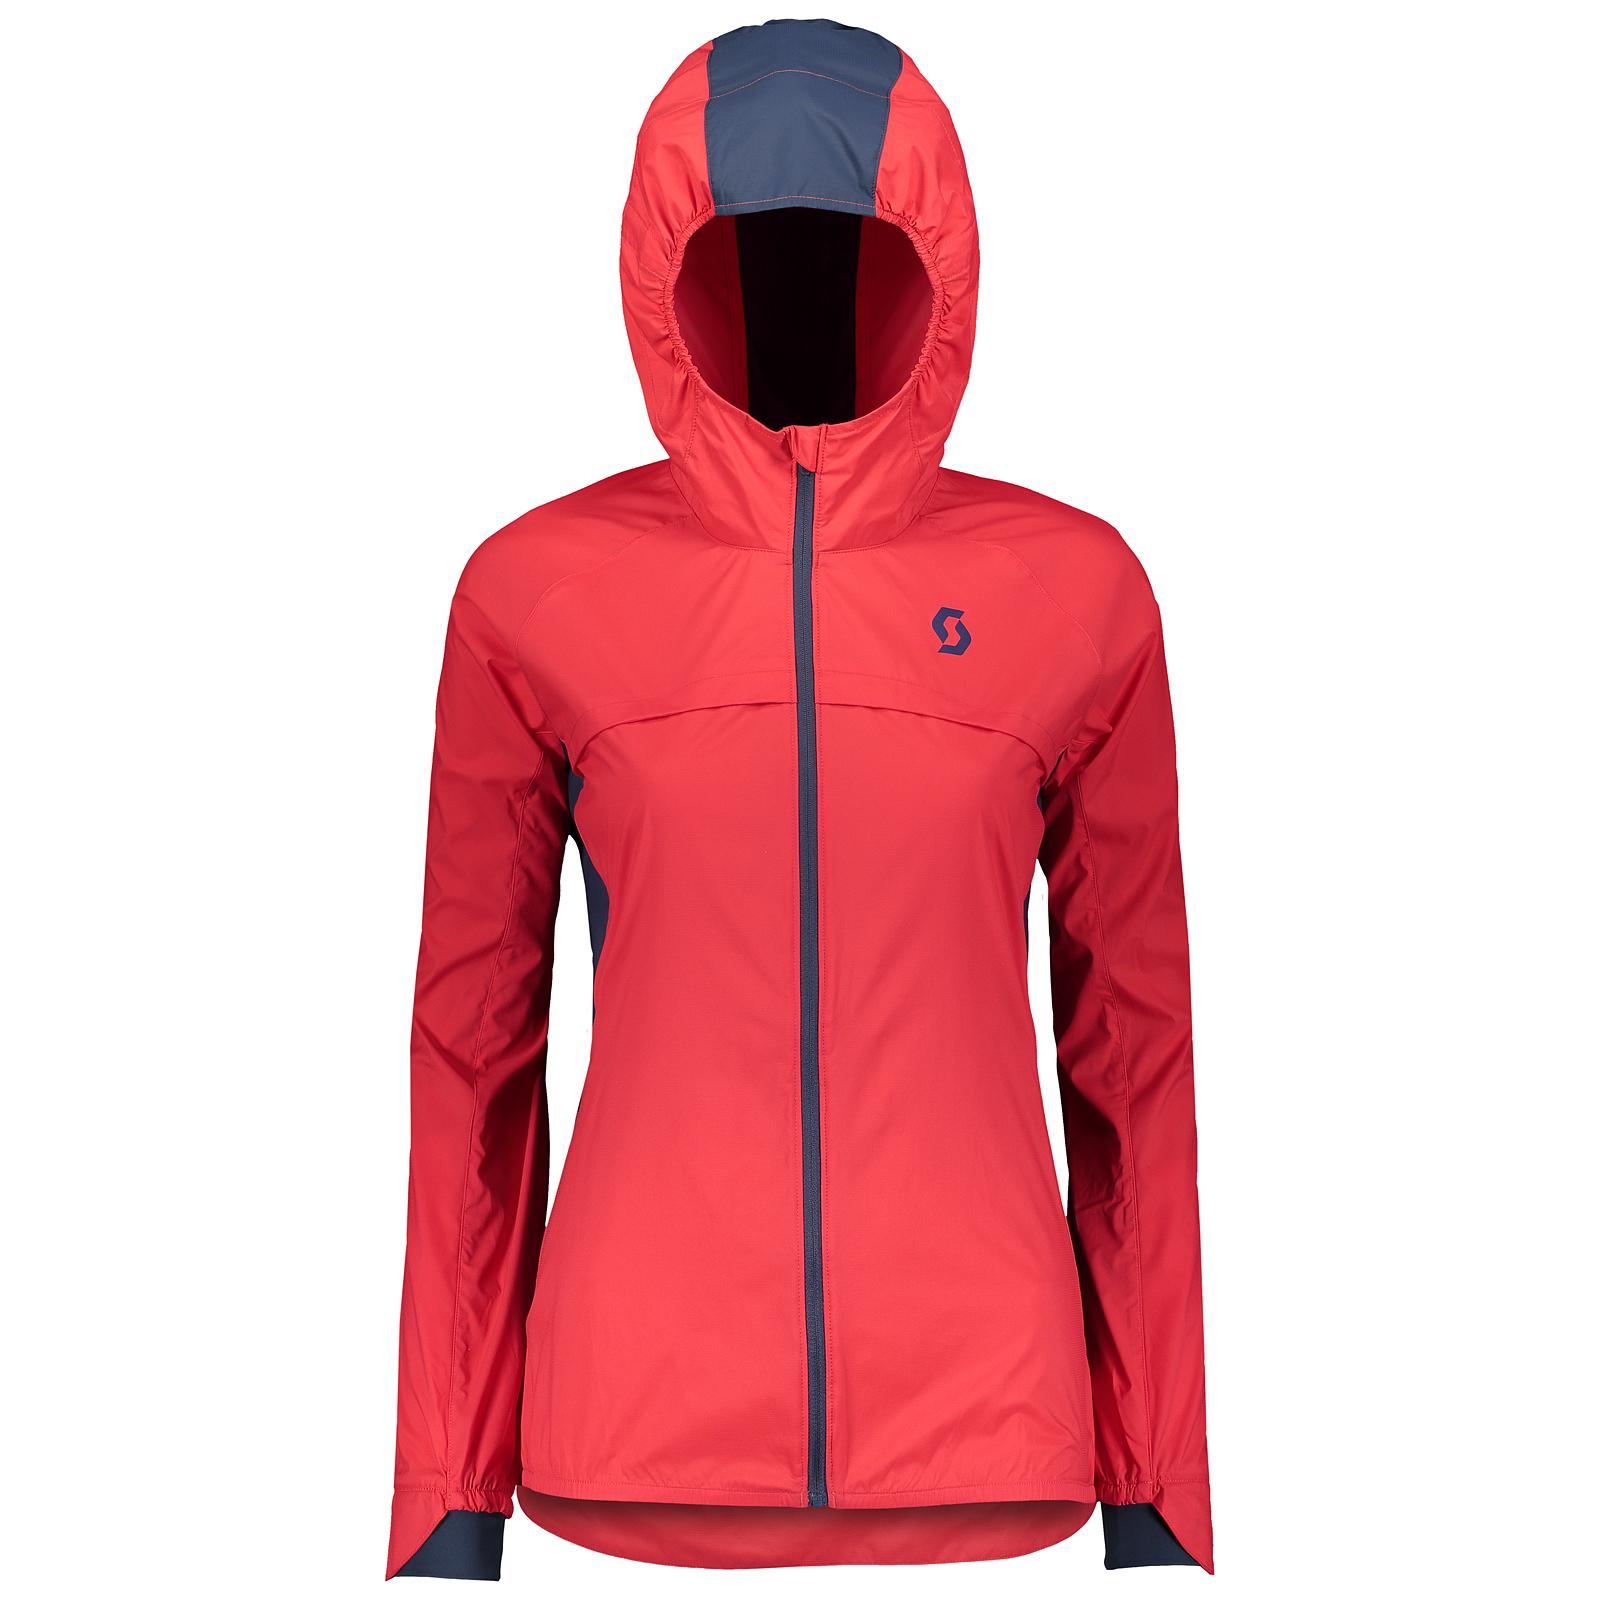 Kauf authentisch online Shop Online bestellen Scott Trail MTN 40 Damen Fahrrad Windjacke rot 2018